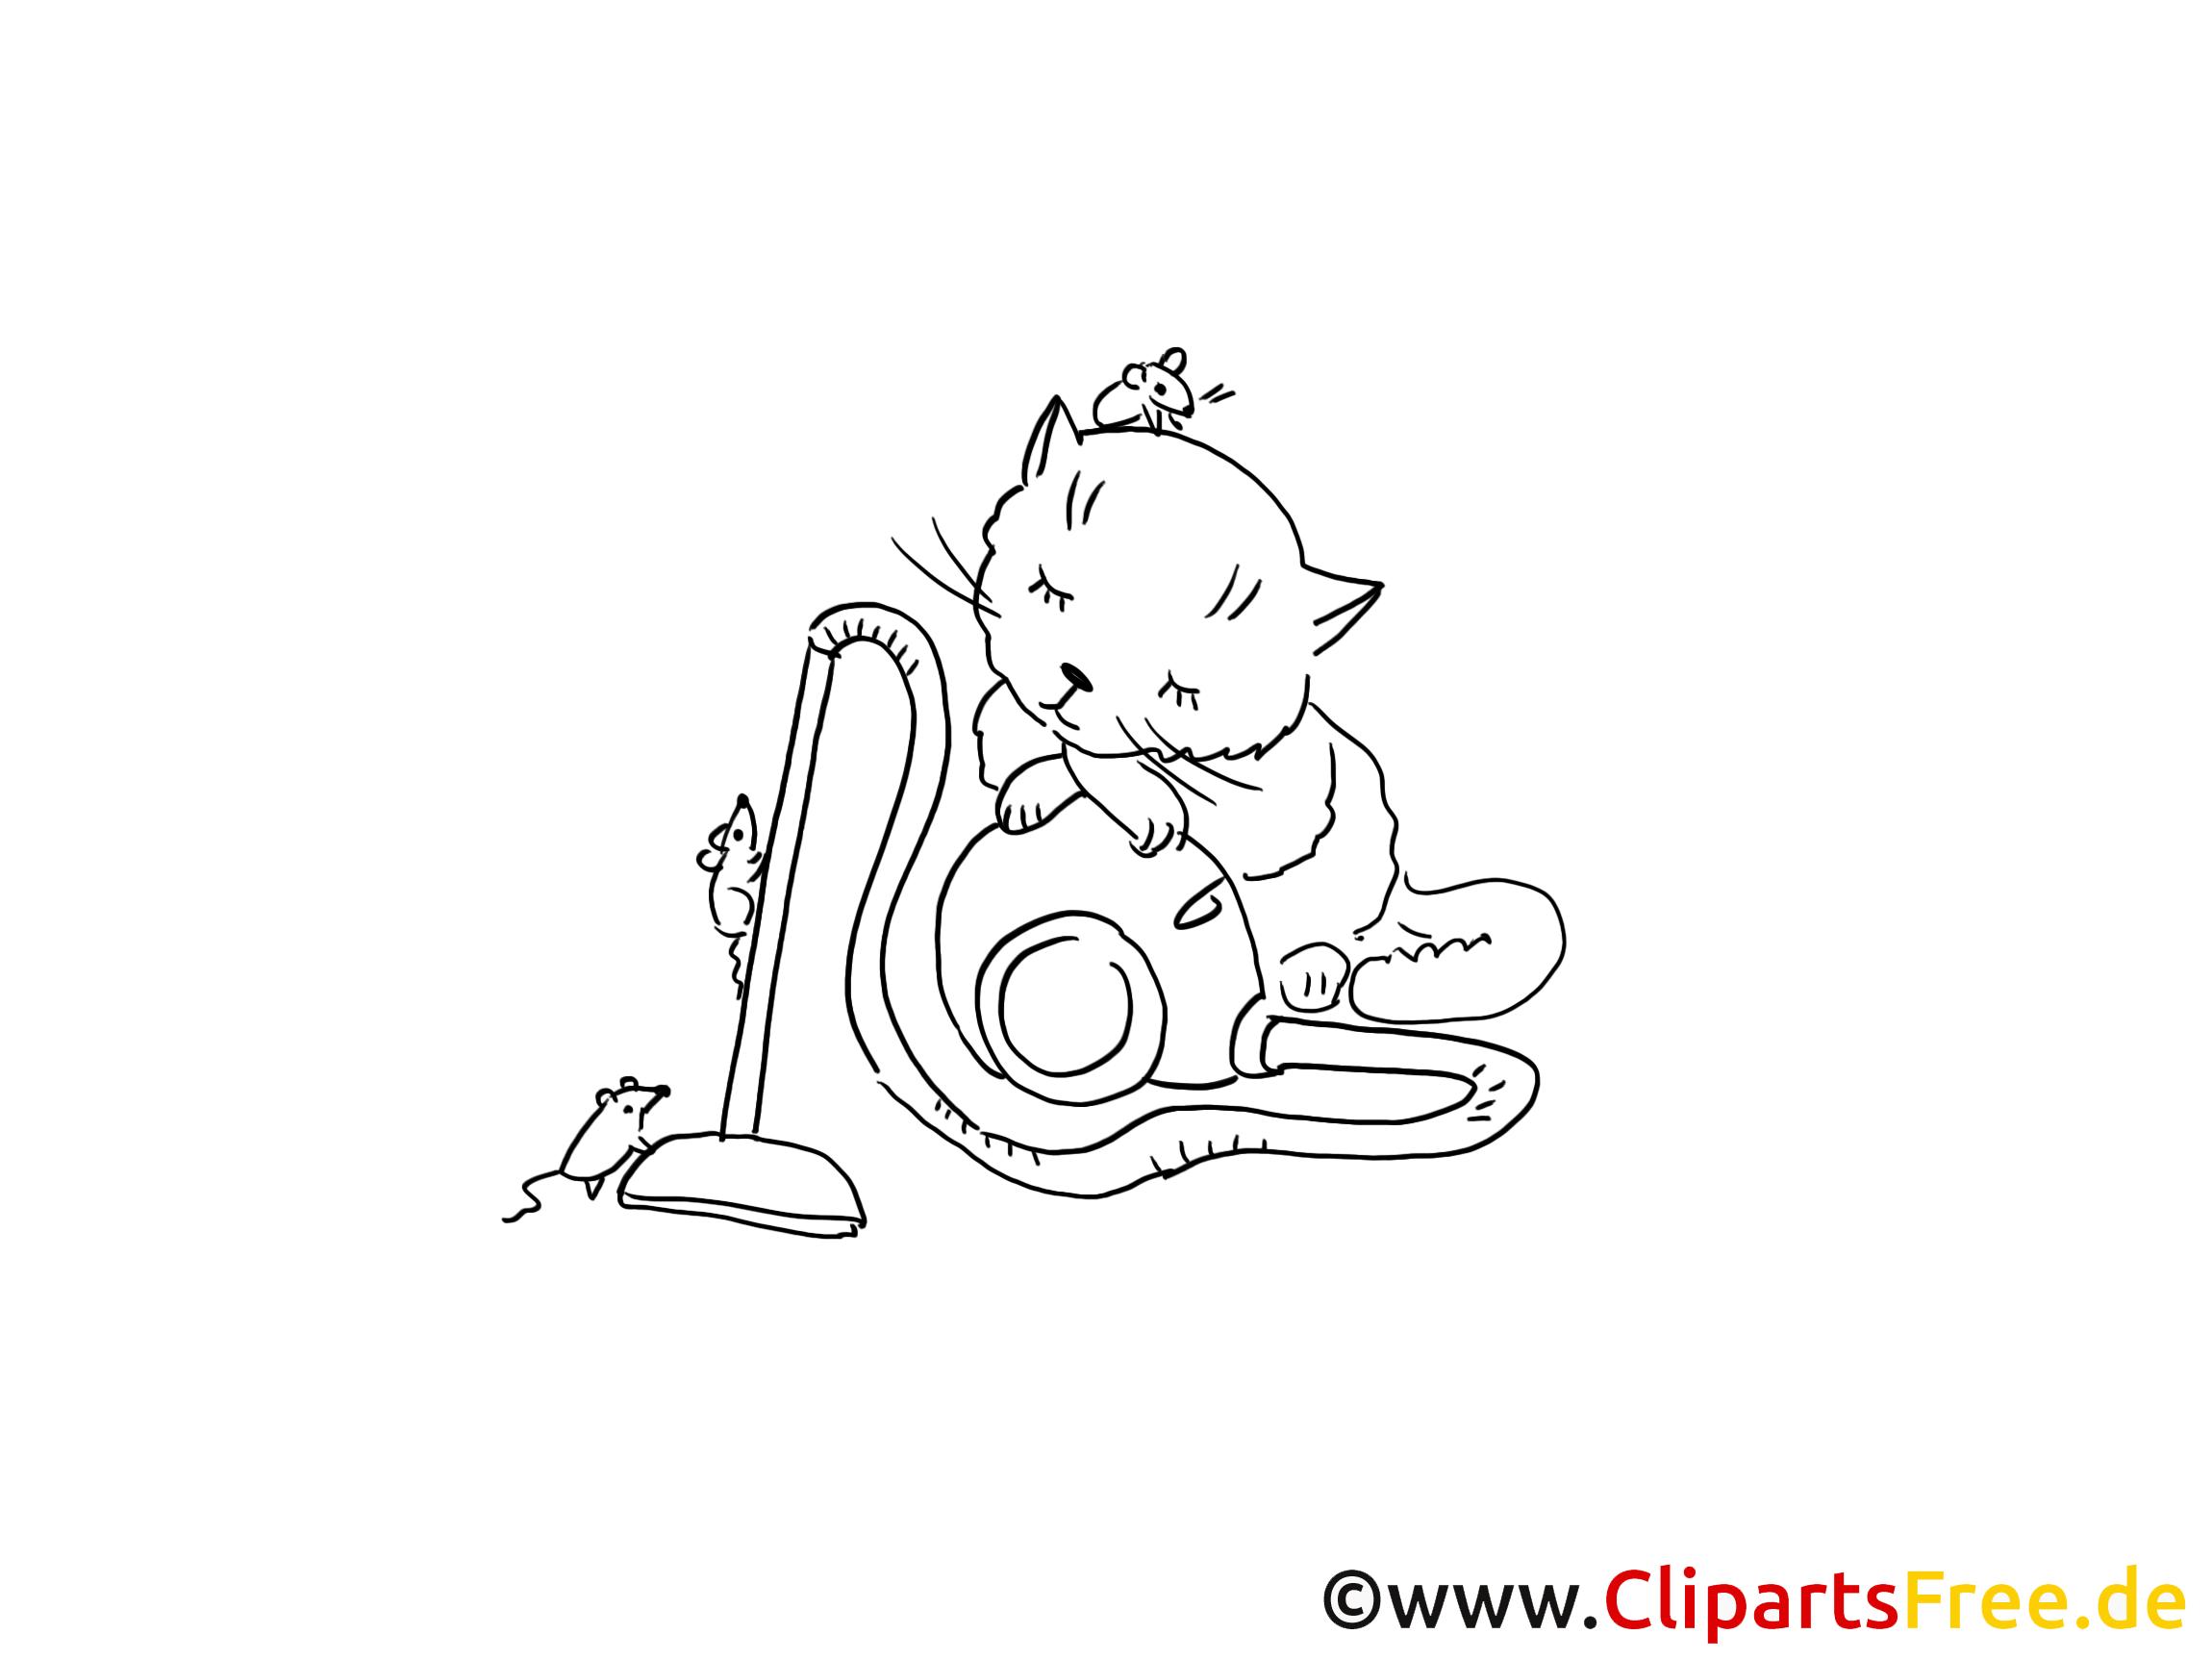 Souris cliparts gratuis – Chats à imprimer